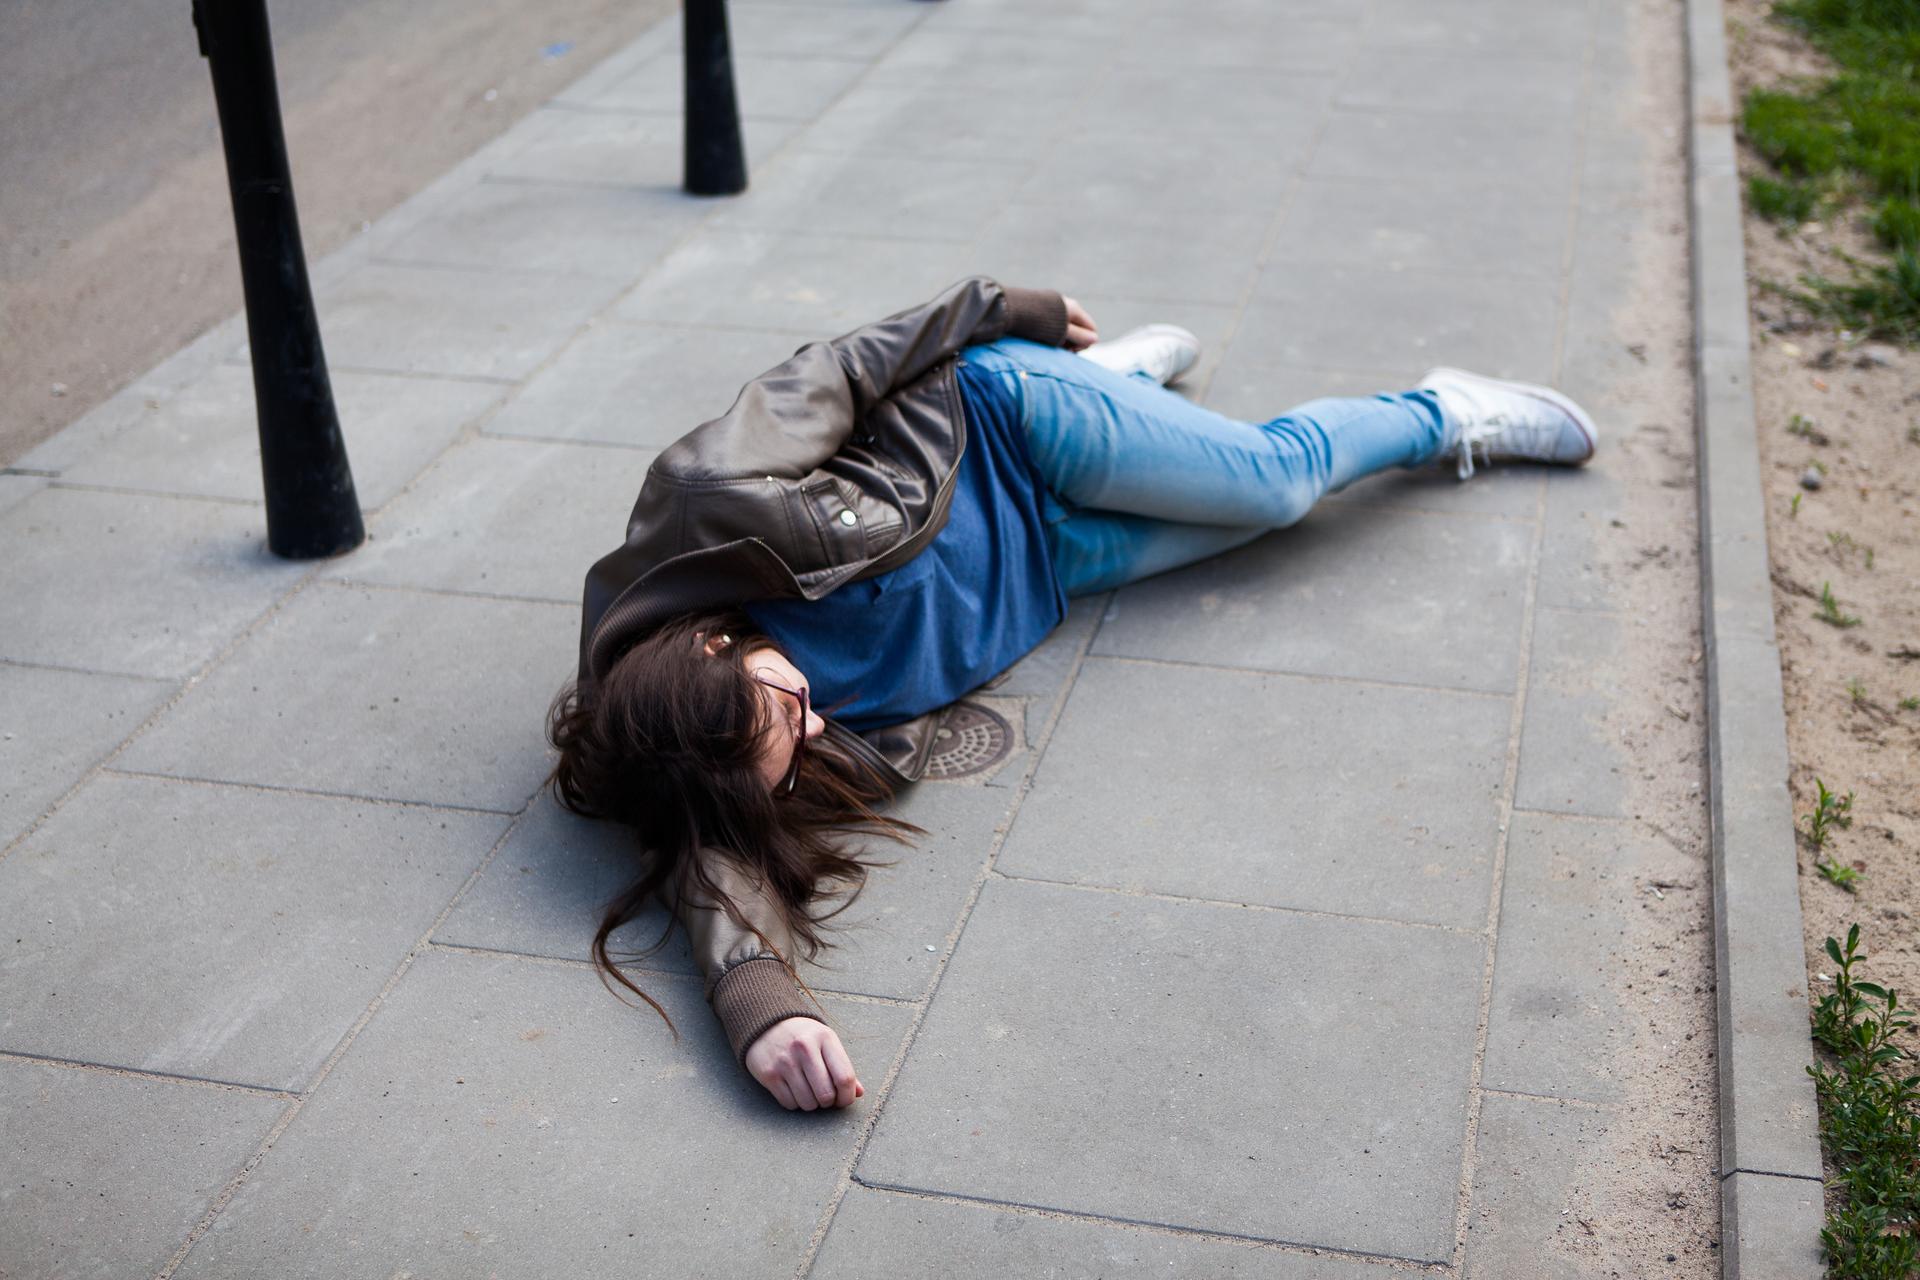 Kolorowe zdjęcie przedstawia kobietę leżącą na chodniku. Kobieta leży na boku, równolegle do krawężnika chodnika. Sylwetka usytuowana jest po prawej stronie zdjęcia. Poszkodowana ma skierowane plecy wkierunku jezdni, twarz wstronę trawnika. Głowa kobiety ułożona na wyprostowanej ręce. Druga ręka ułożona wzdłuż ciała. Dłoń na biodrach. Noga lekko zgięta do tyłu. Druga noga – wyprostowana, ułożona równolegle do dolnej kończyny. Kobieta ubrana jest wgranatowy T-shirt, dżinsy, skórzaną brązową kurtkę ibiałe buty sportowe.